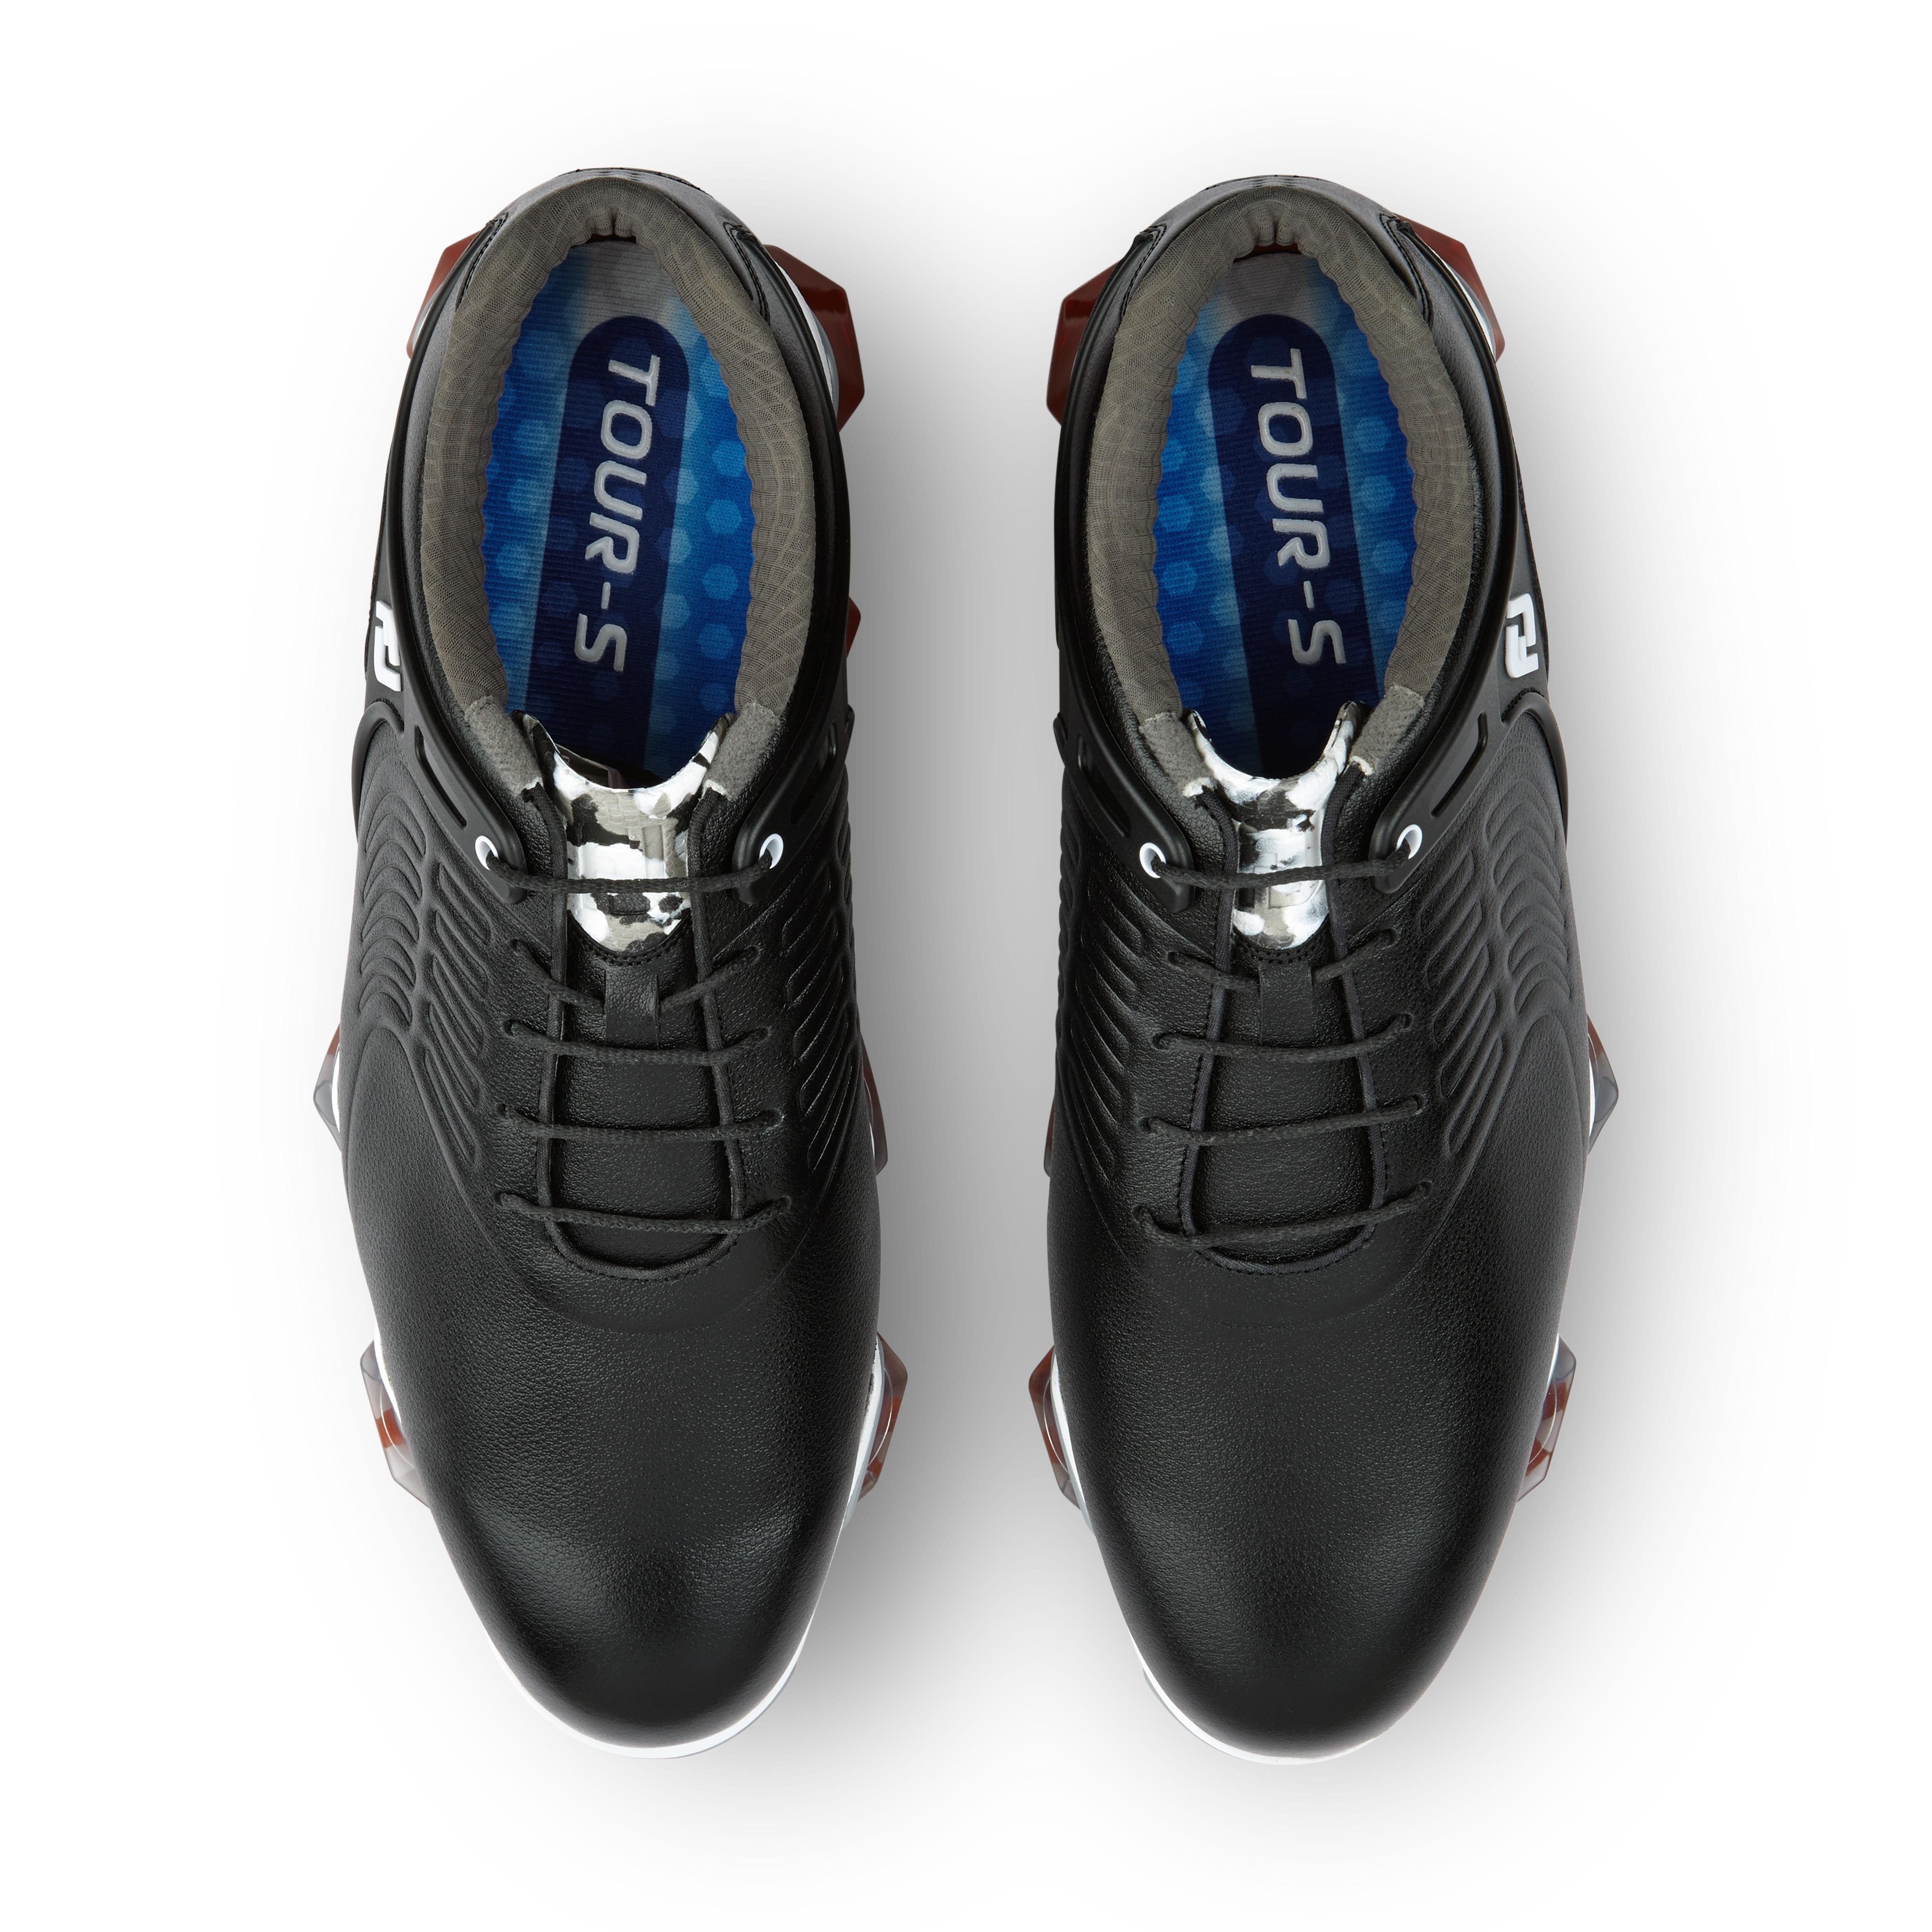 FootJoy Tour S 3